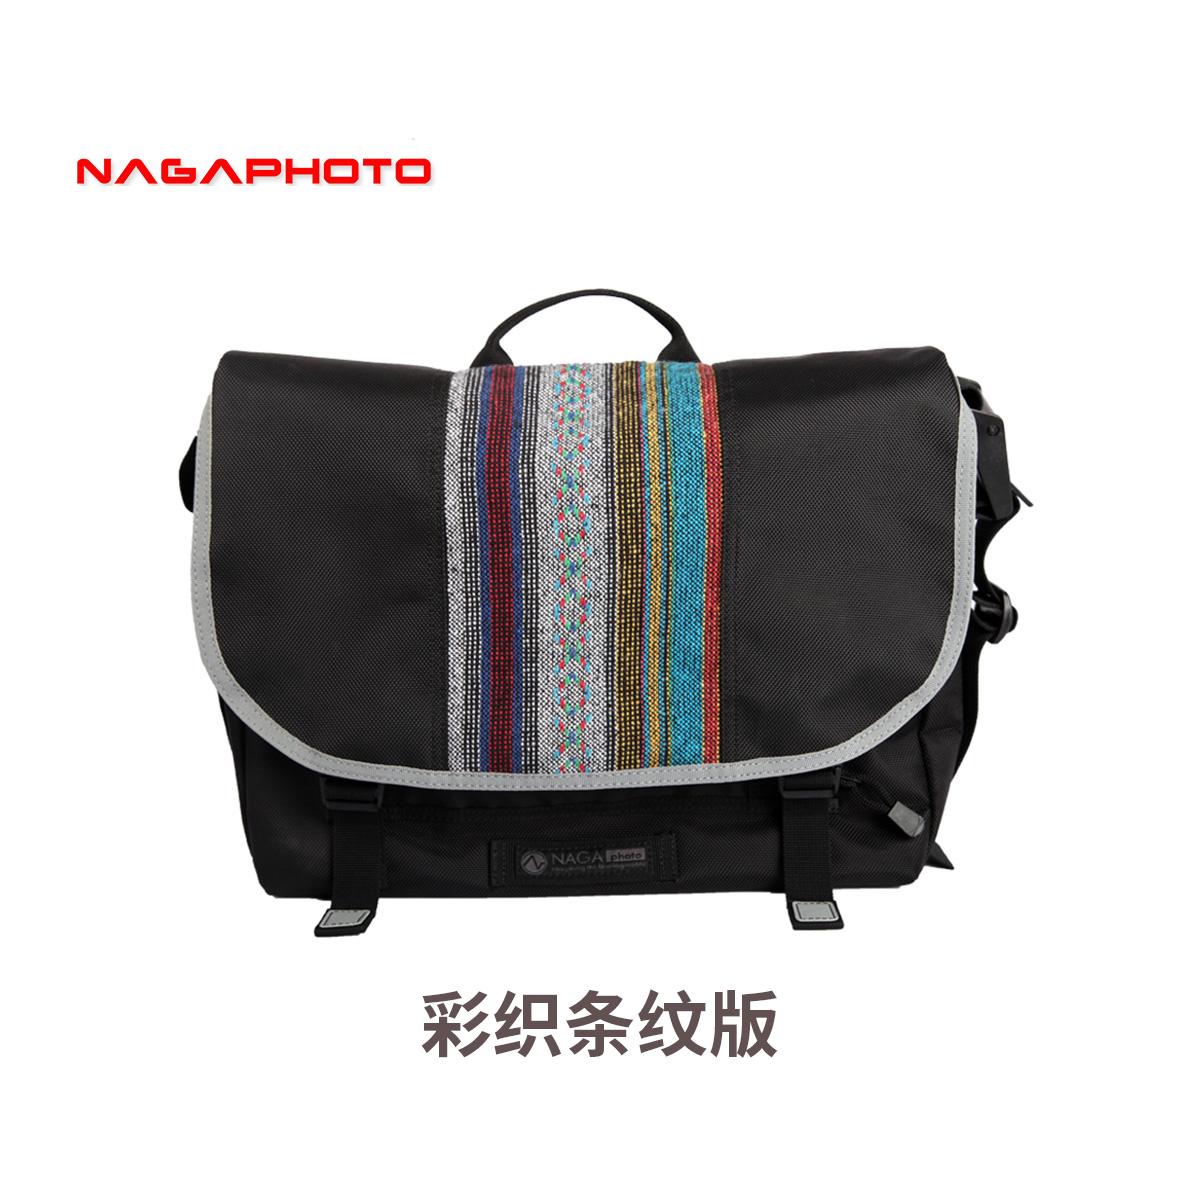 纳伽邮差摄影包佳能单反相机包民族风骑行包微单包尼康休闲摄影包